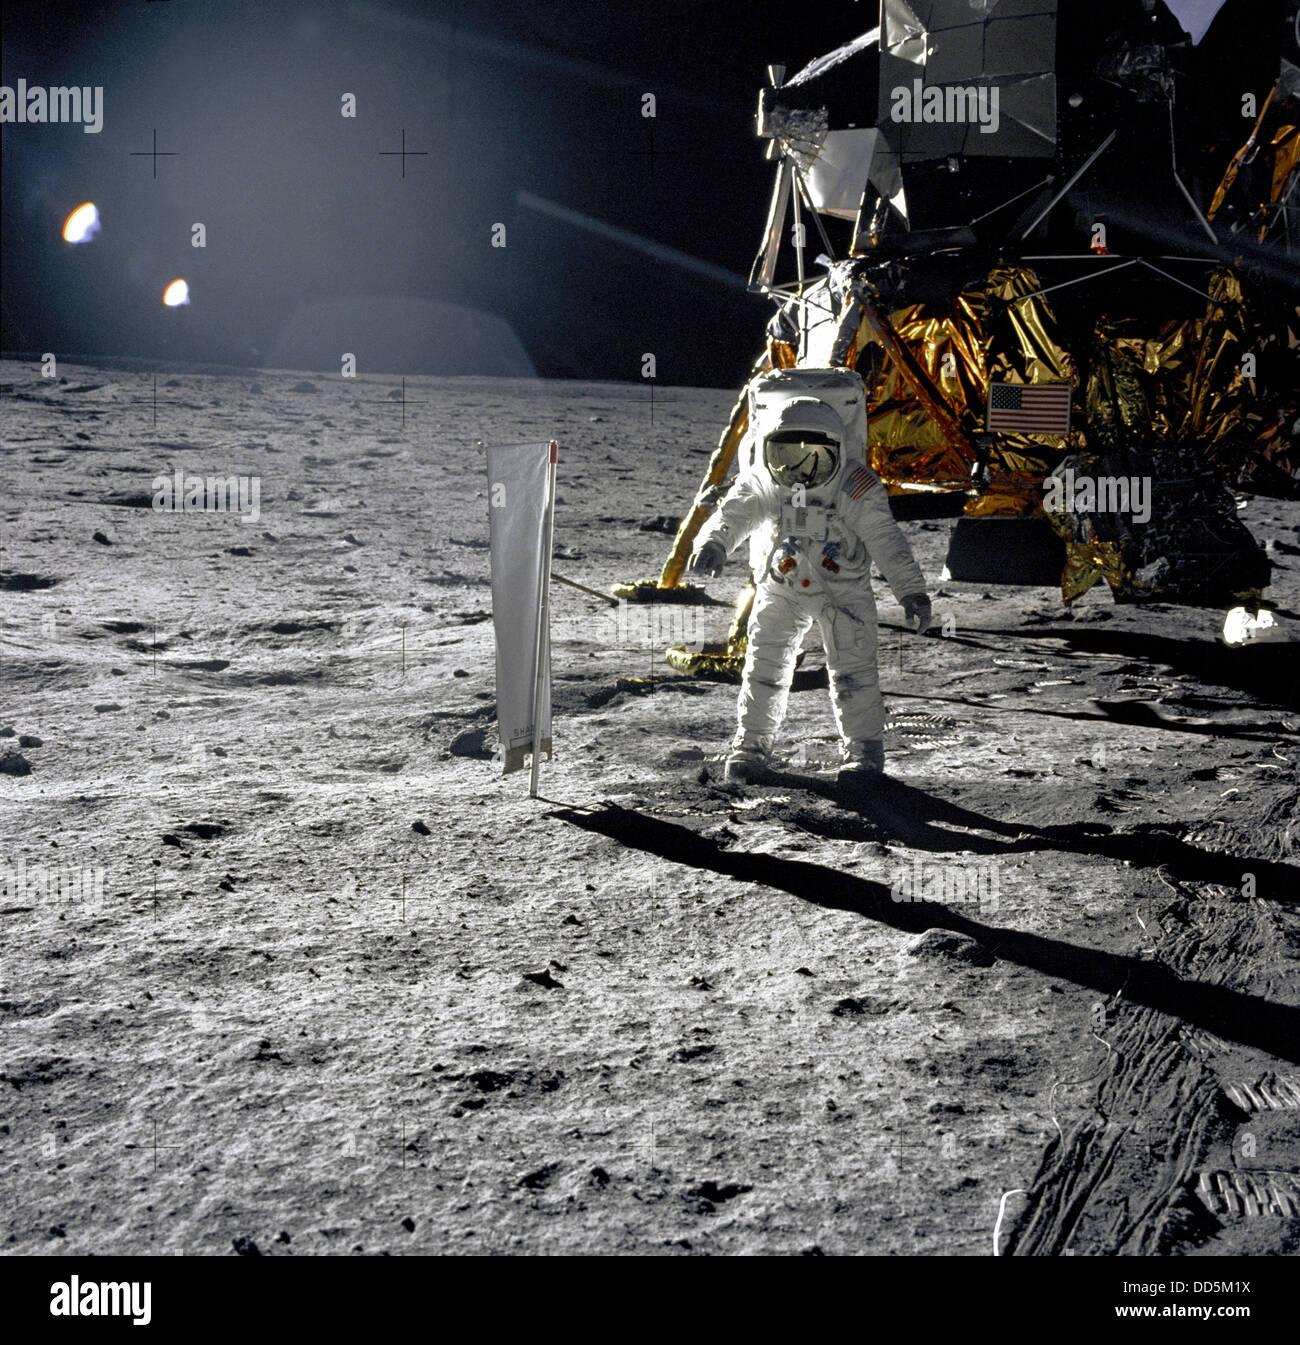 apollo 11 moonwalk - photo #14